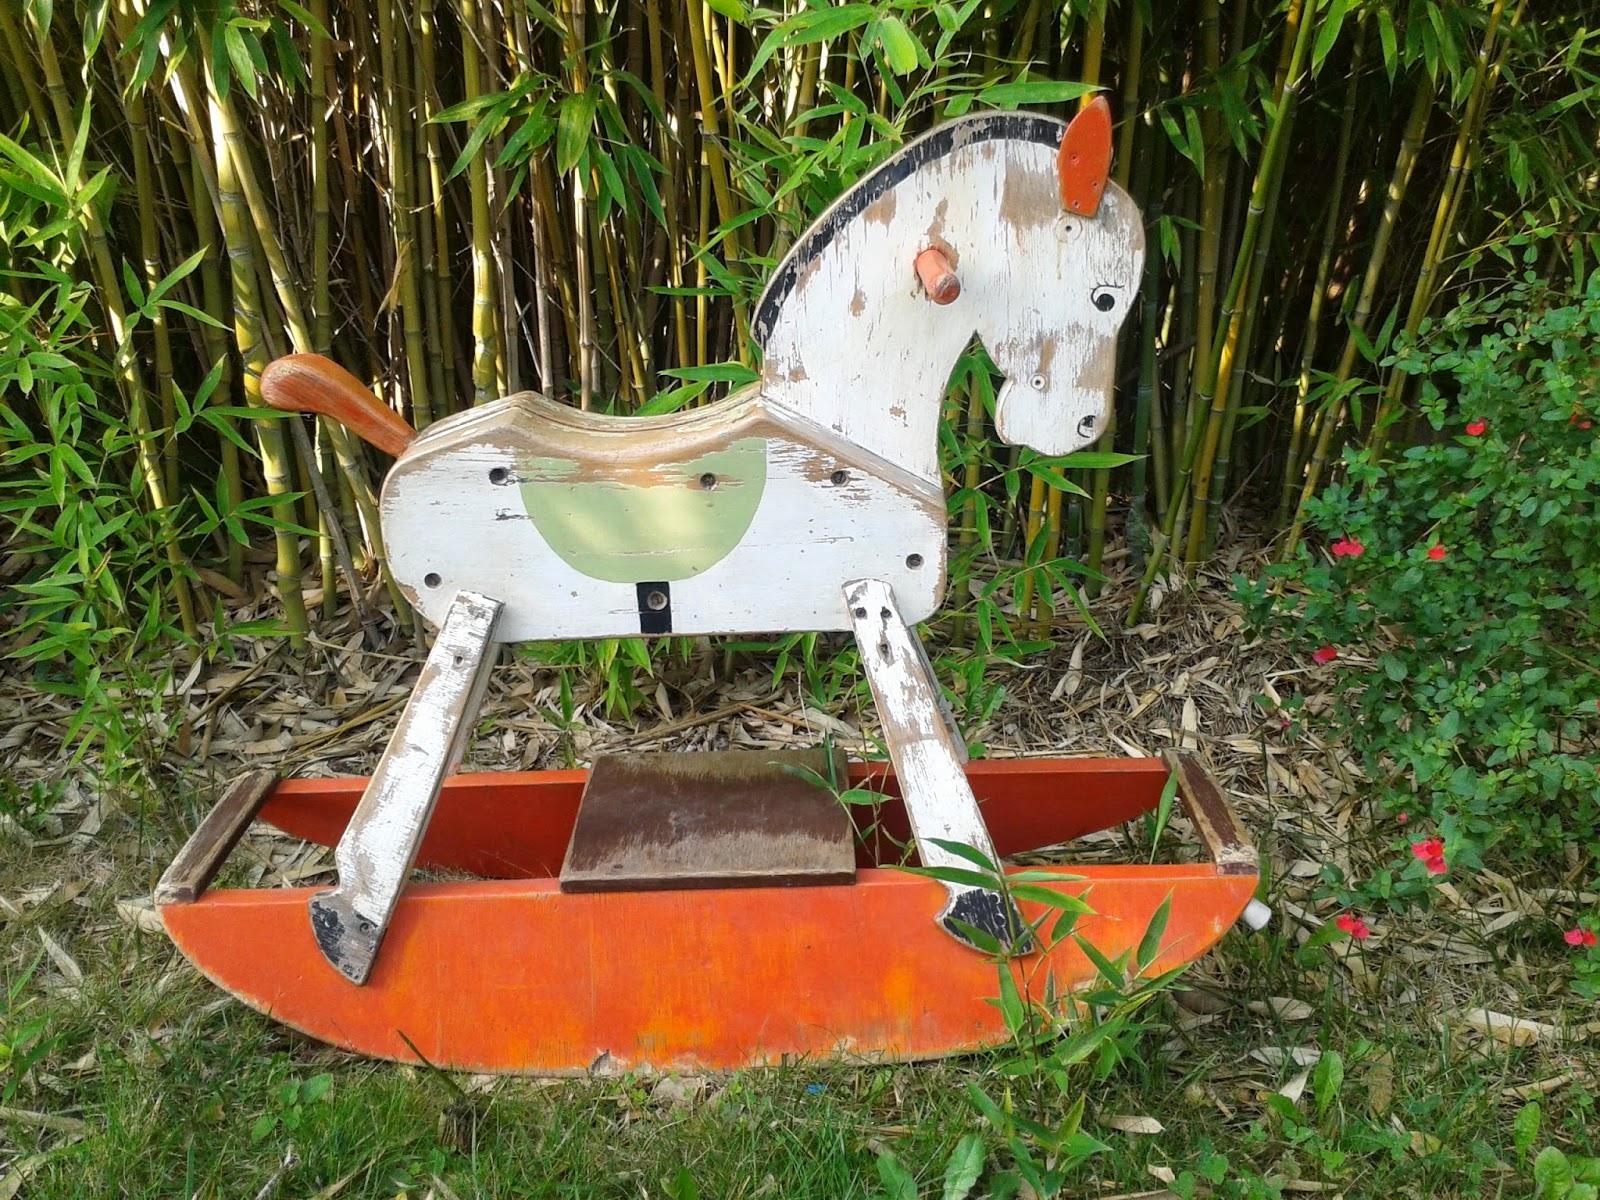 cheval bascule vintage en bois couleurs orange vert. Black Bedroom Furniture Sets. Home Design Ideas